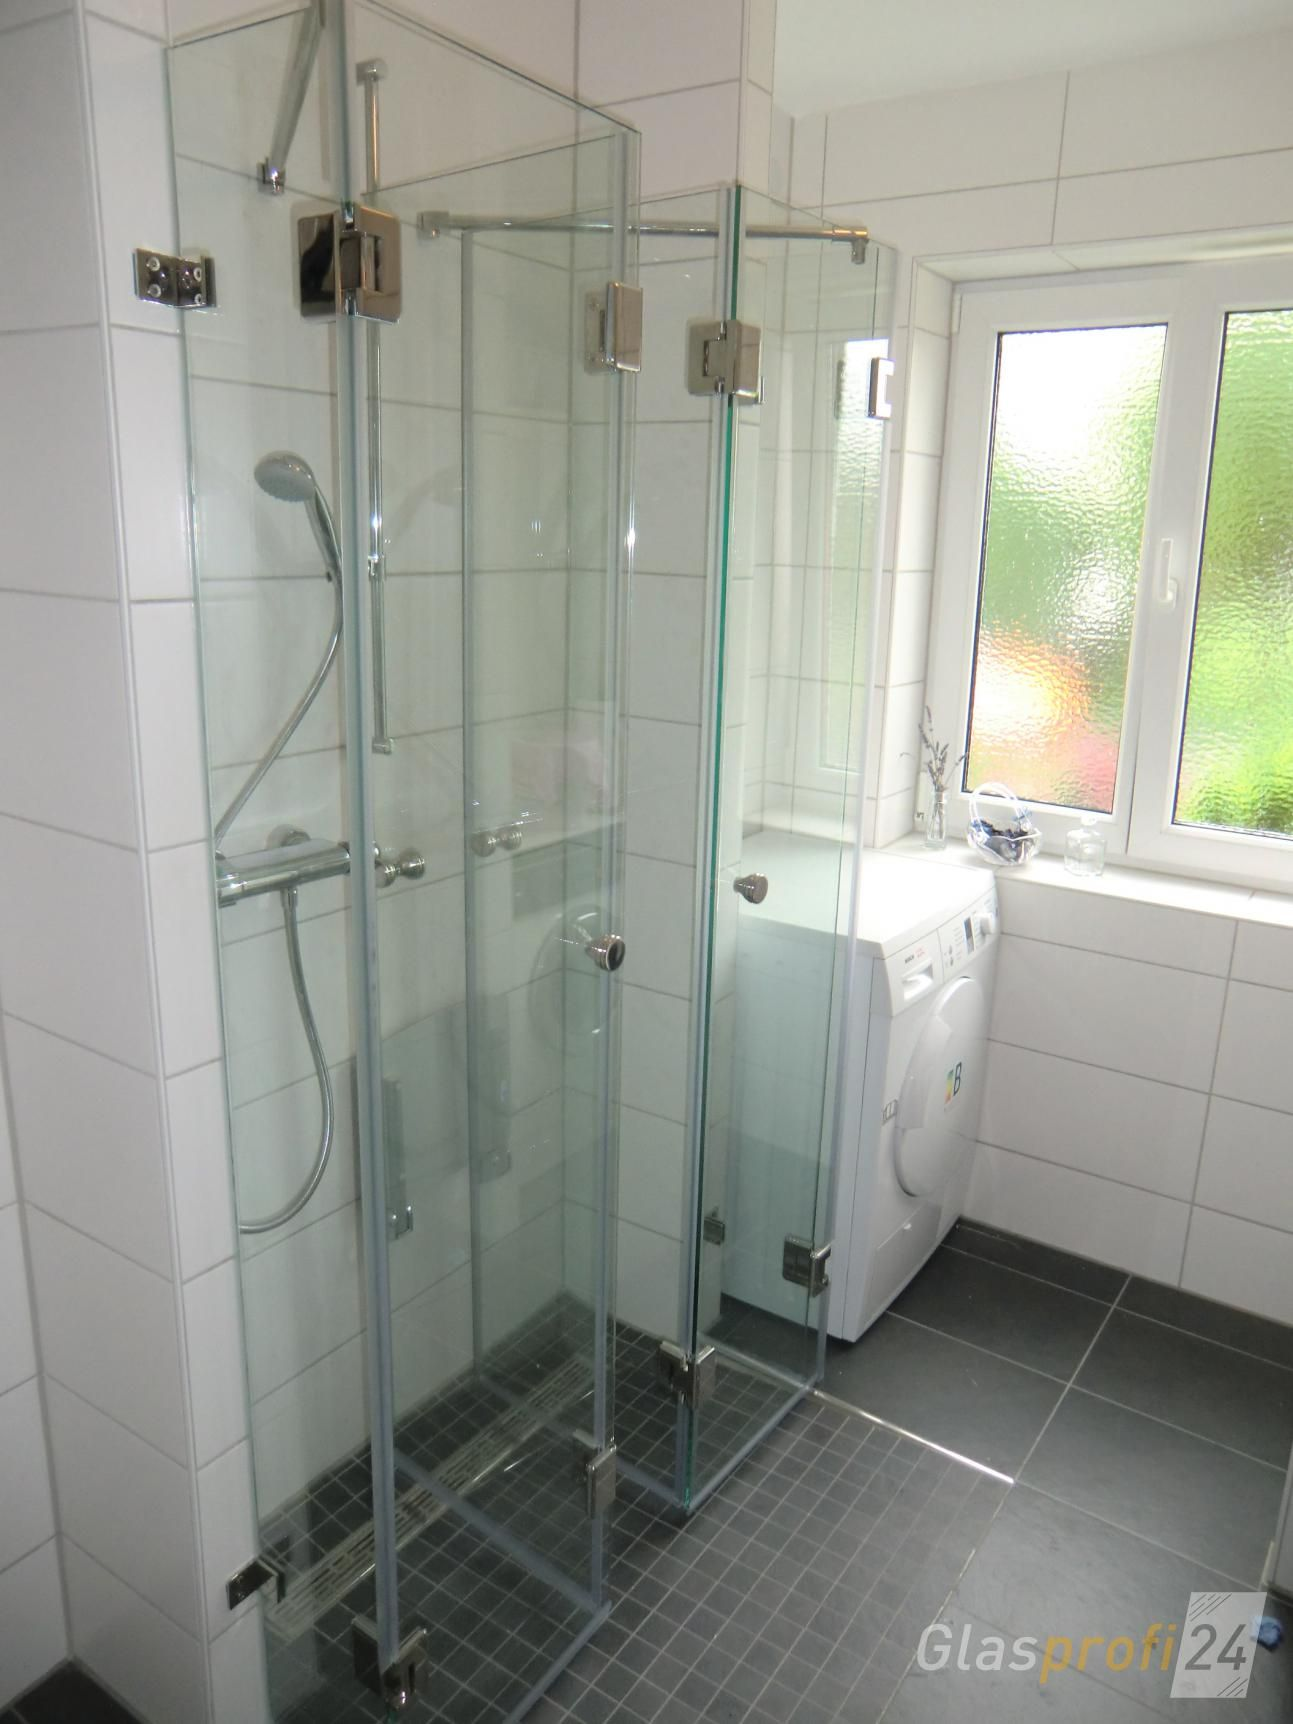 Faltbare Duschkabine Aus Glas Glasprofi24 Duschkabine Dusche Kleines Bad Mit Dusche